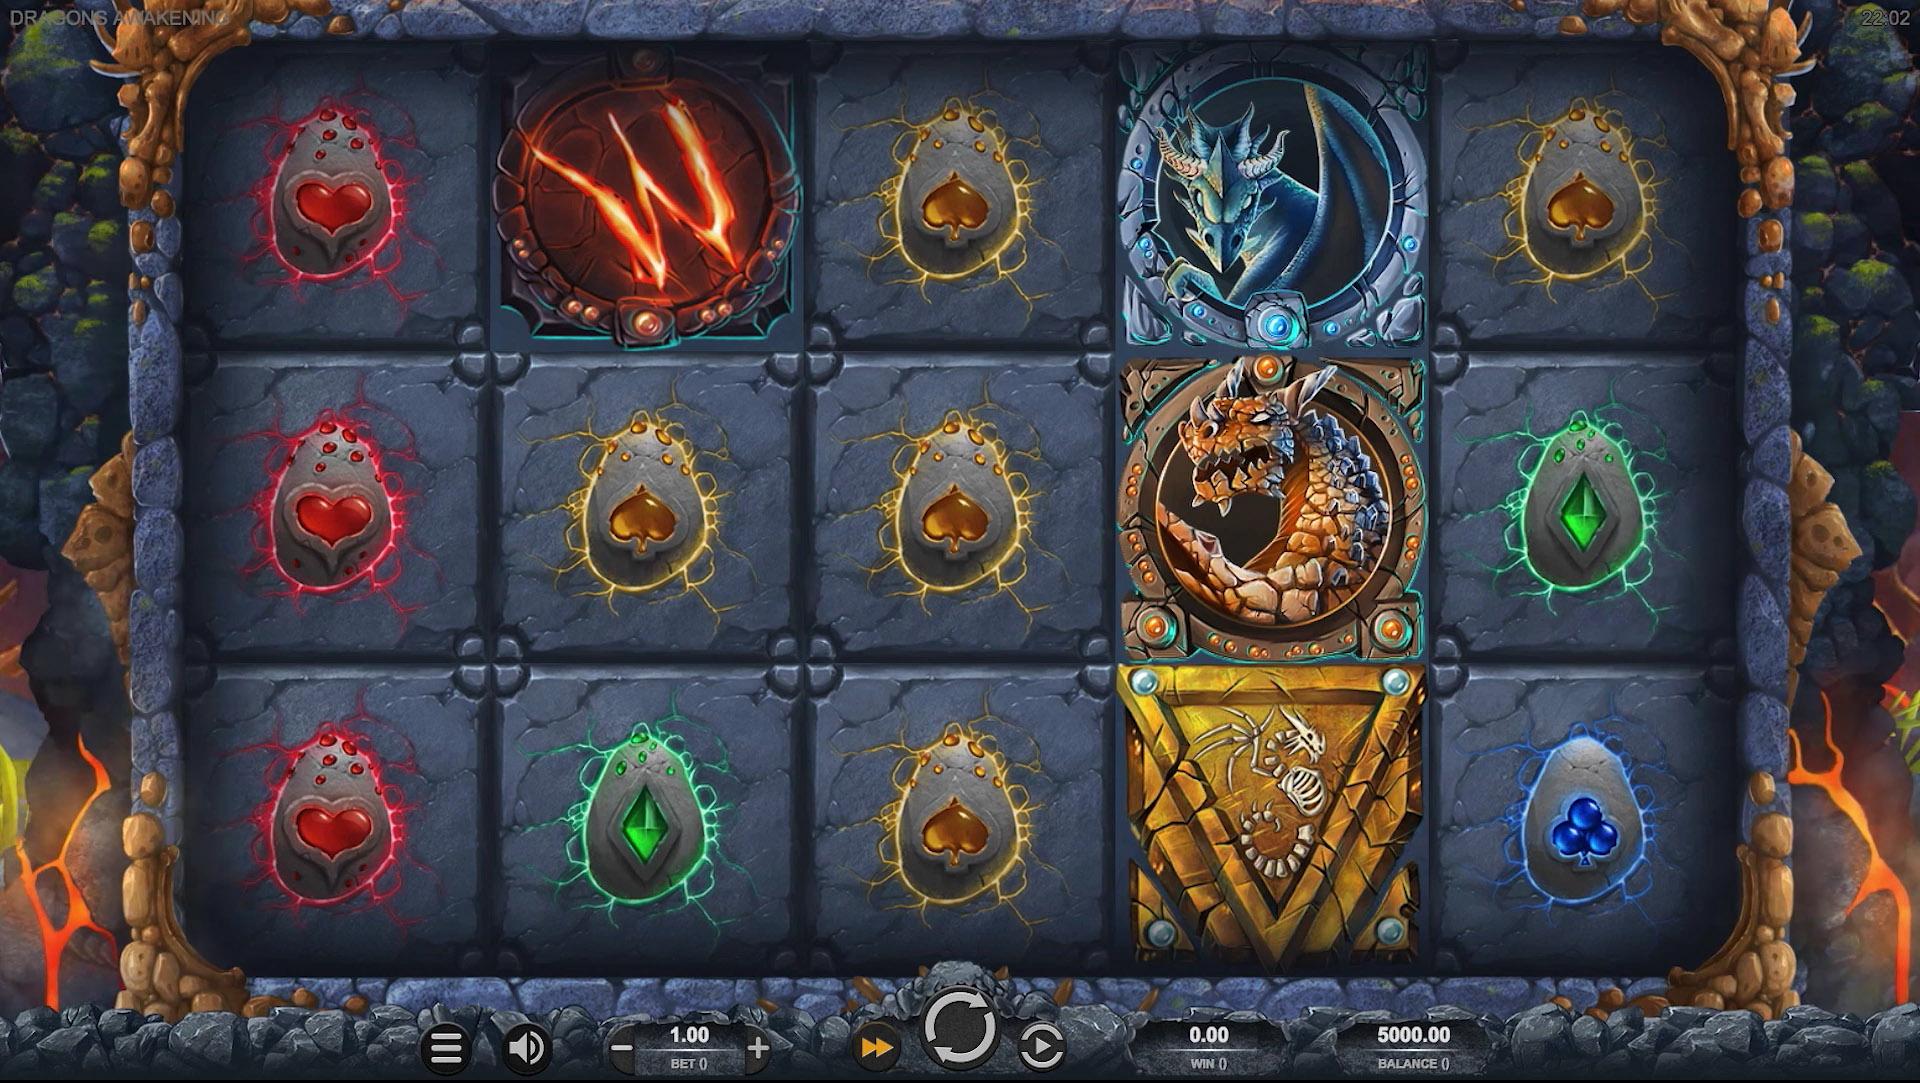 Dragons' Awakening Screenshot